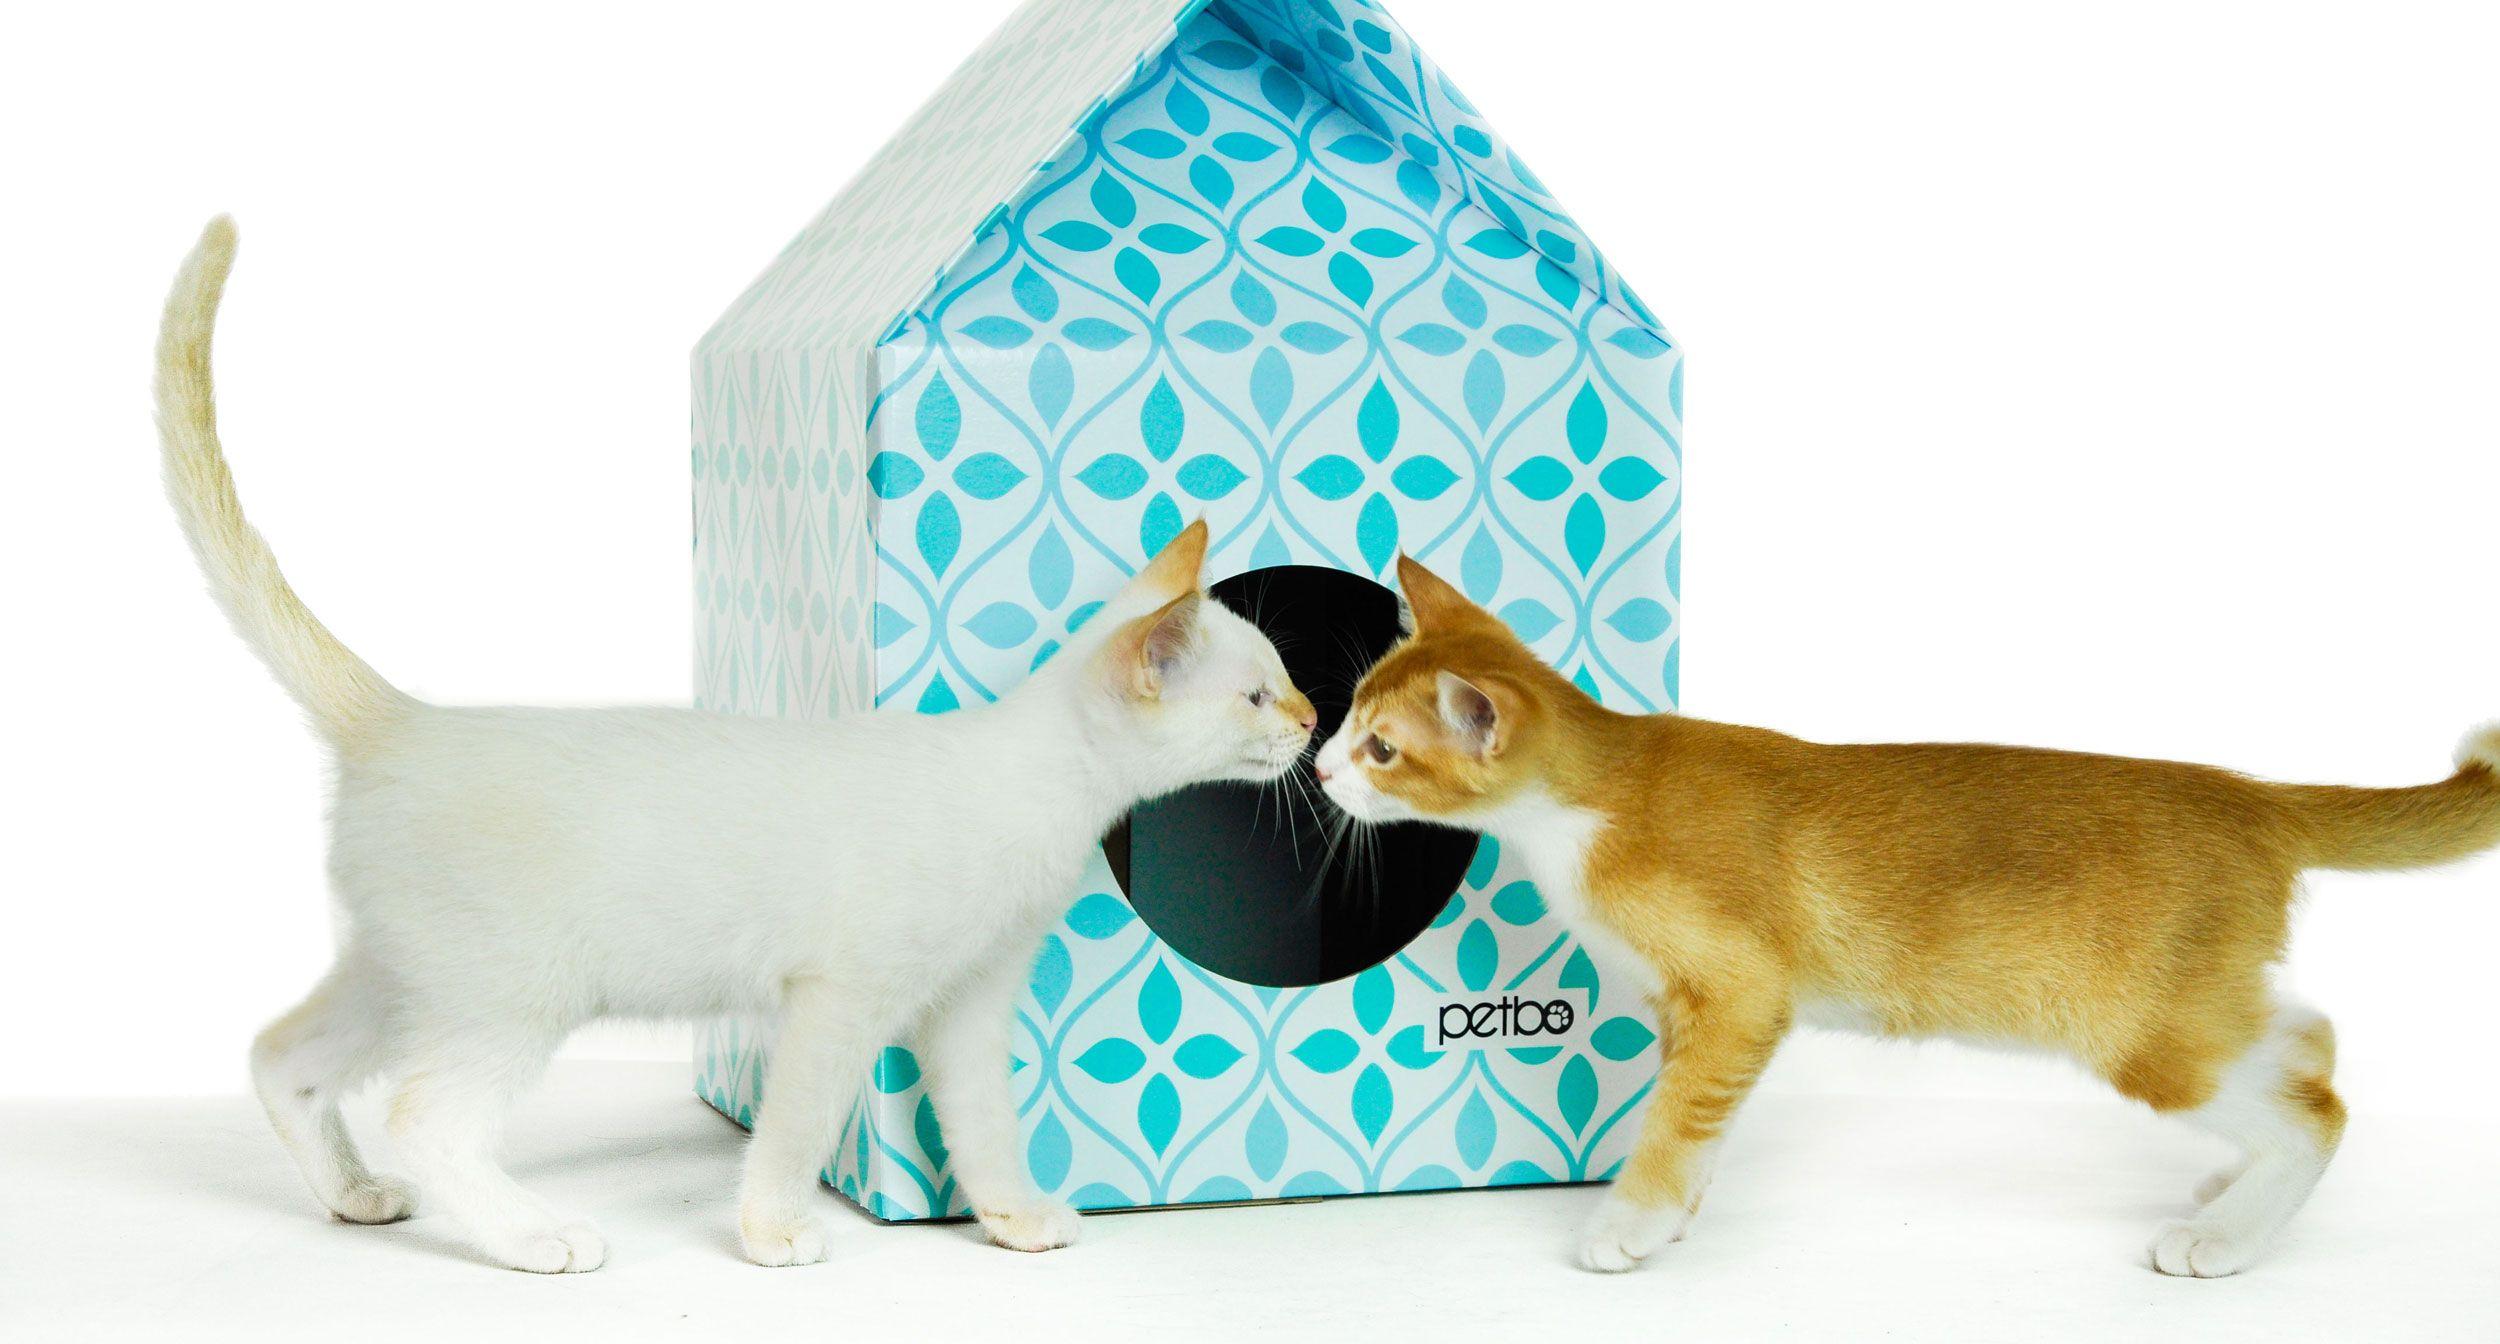 Resultado de imagen para cardboard cat house